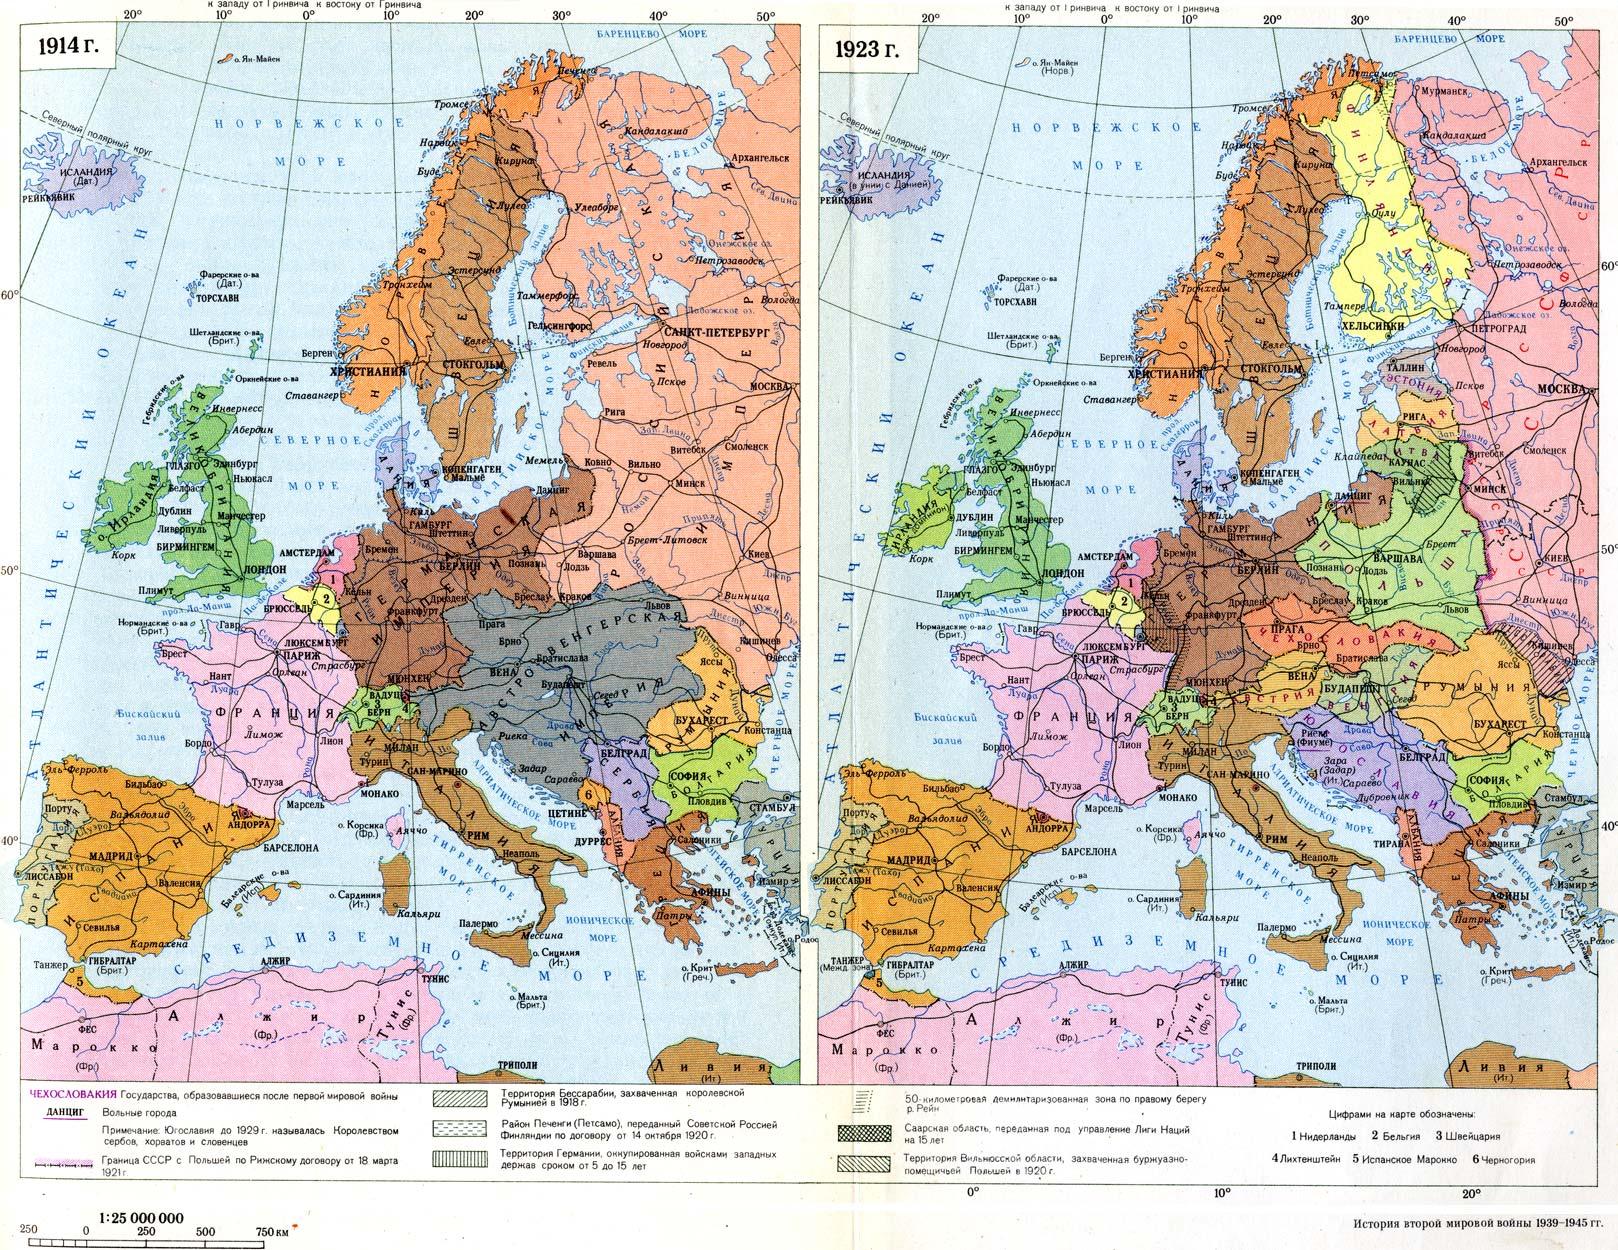 Izmenenie Politicheskoj Karty Evropy V Itoge Pervoj Mirovoj Vojny I